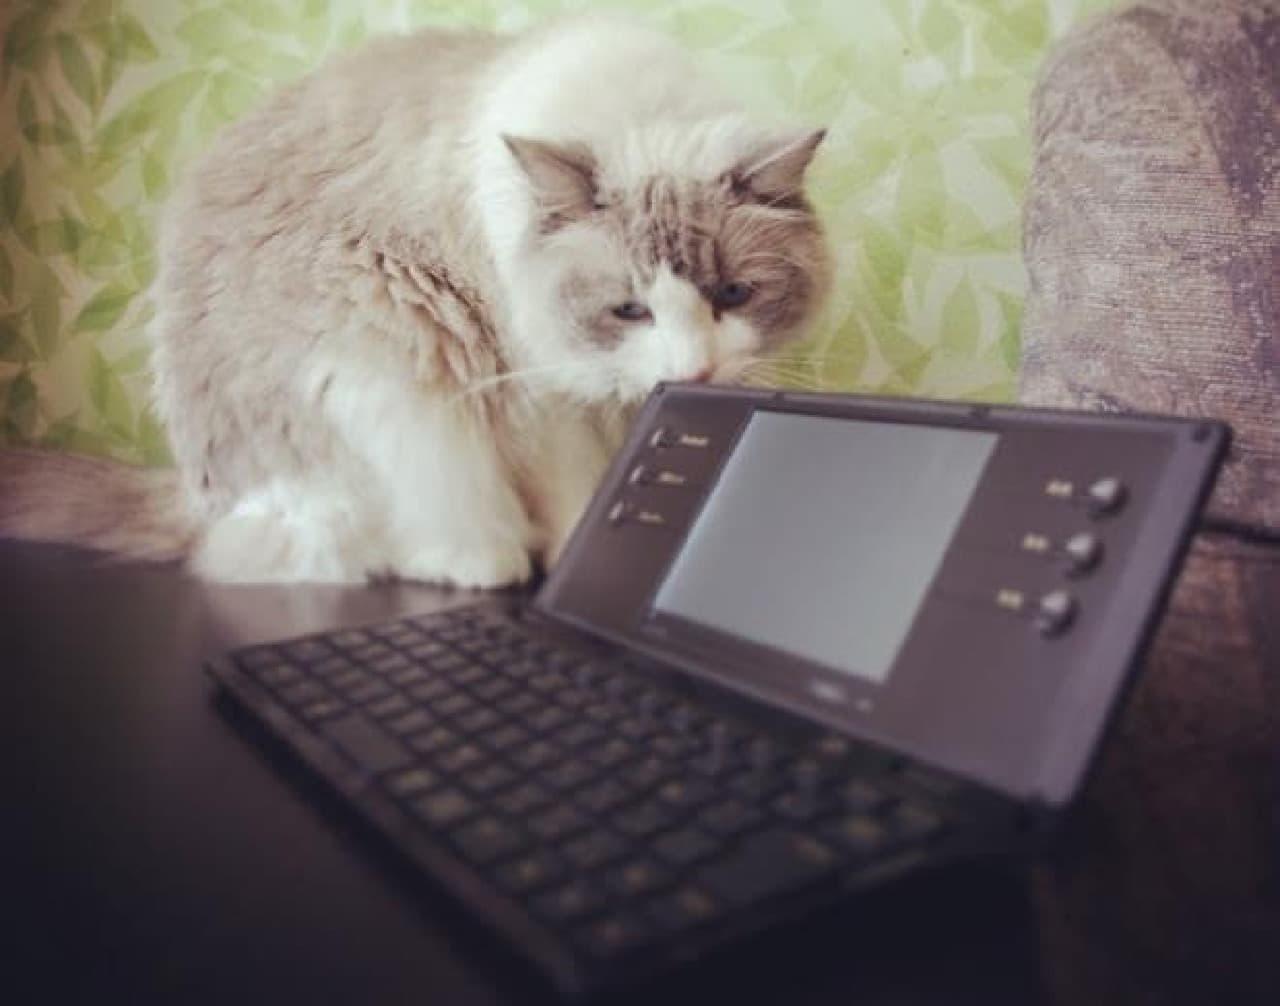 キングジムはポメラと猫で宣伝(出典:同社公式Twitterアカウント)